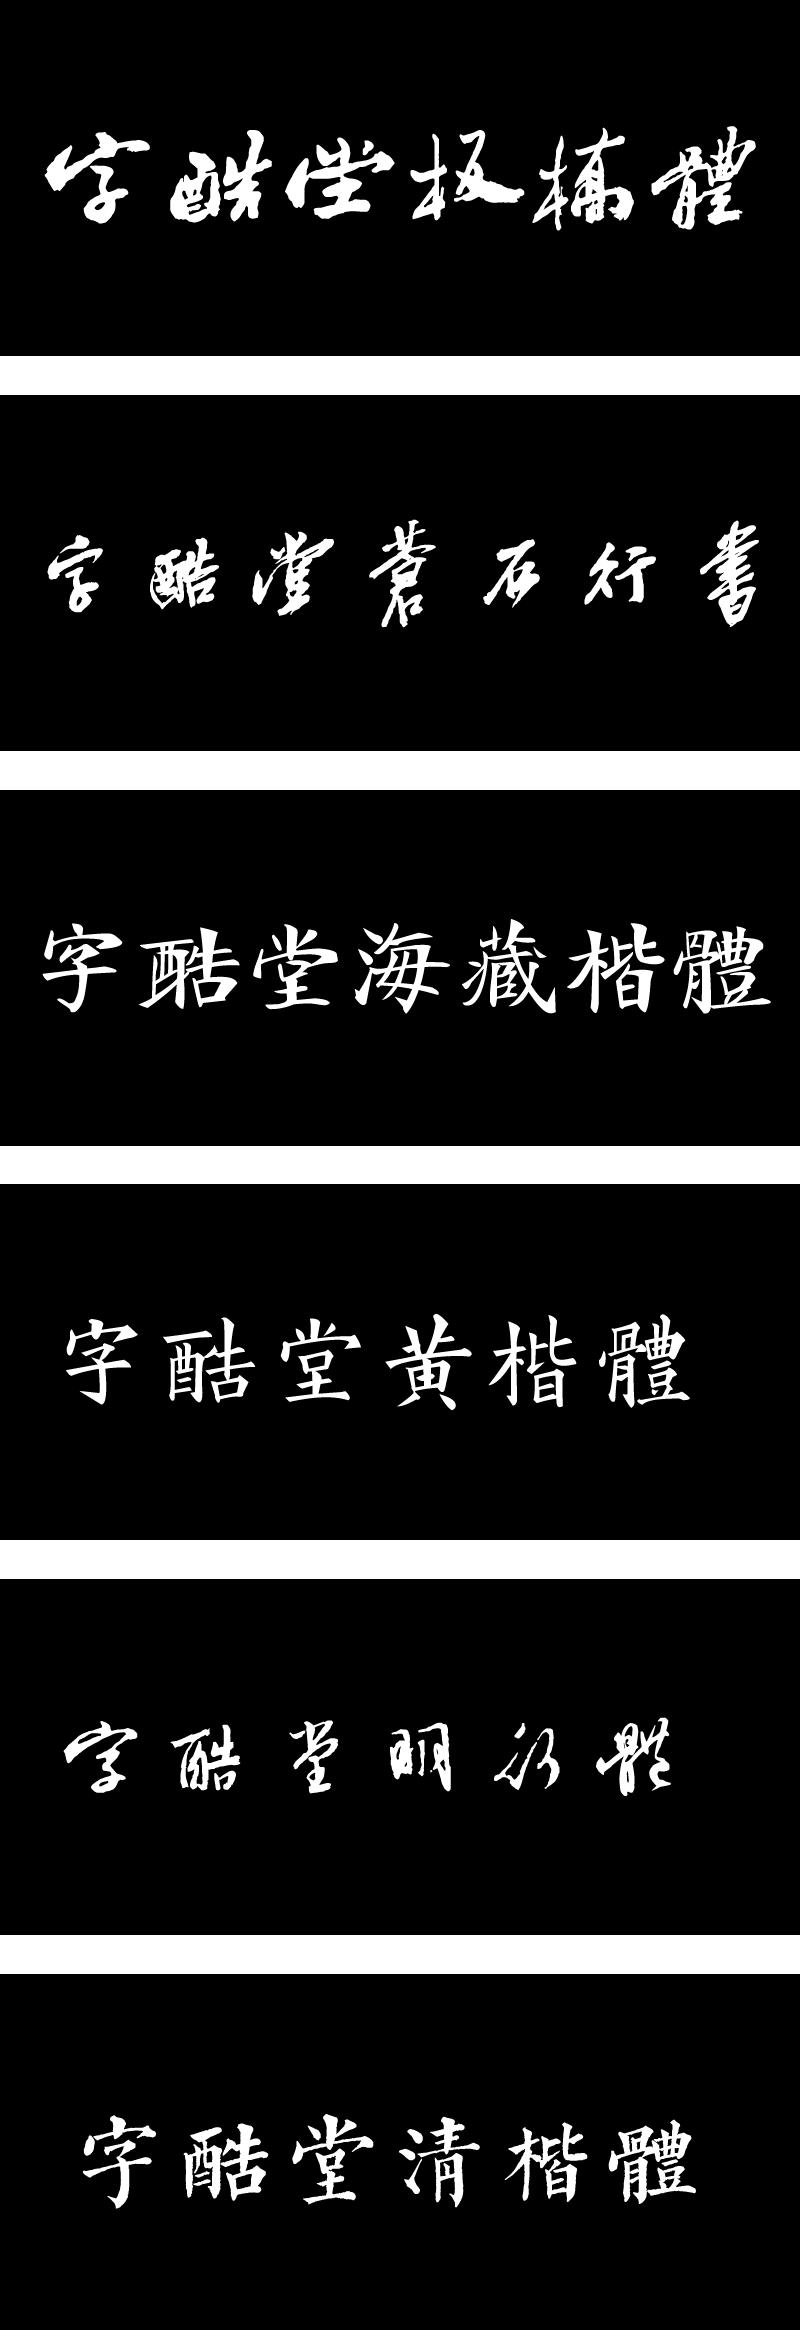 8款字酷堂字体打包下载